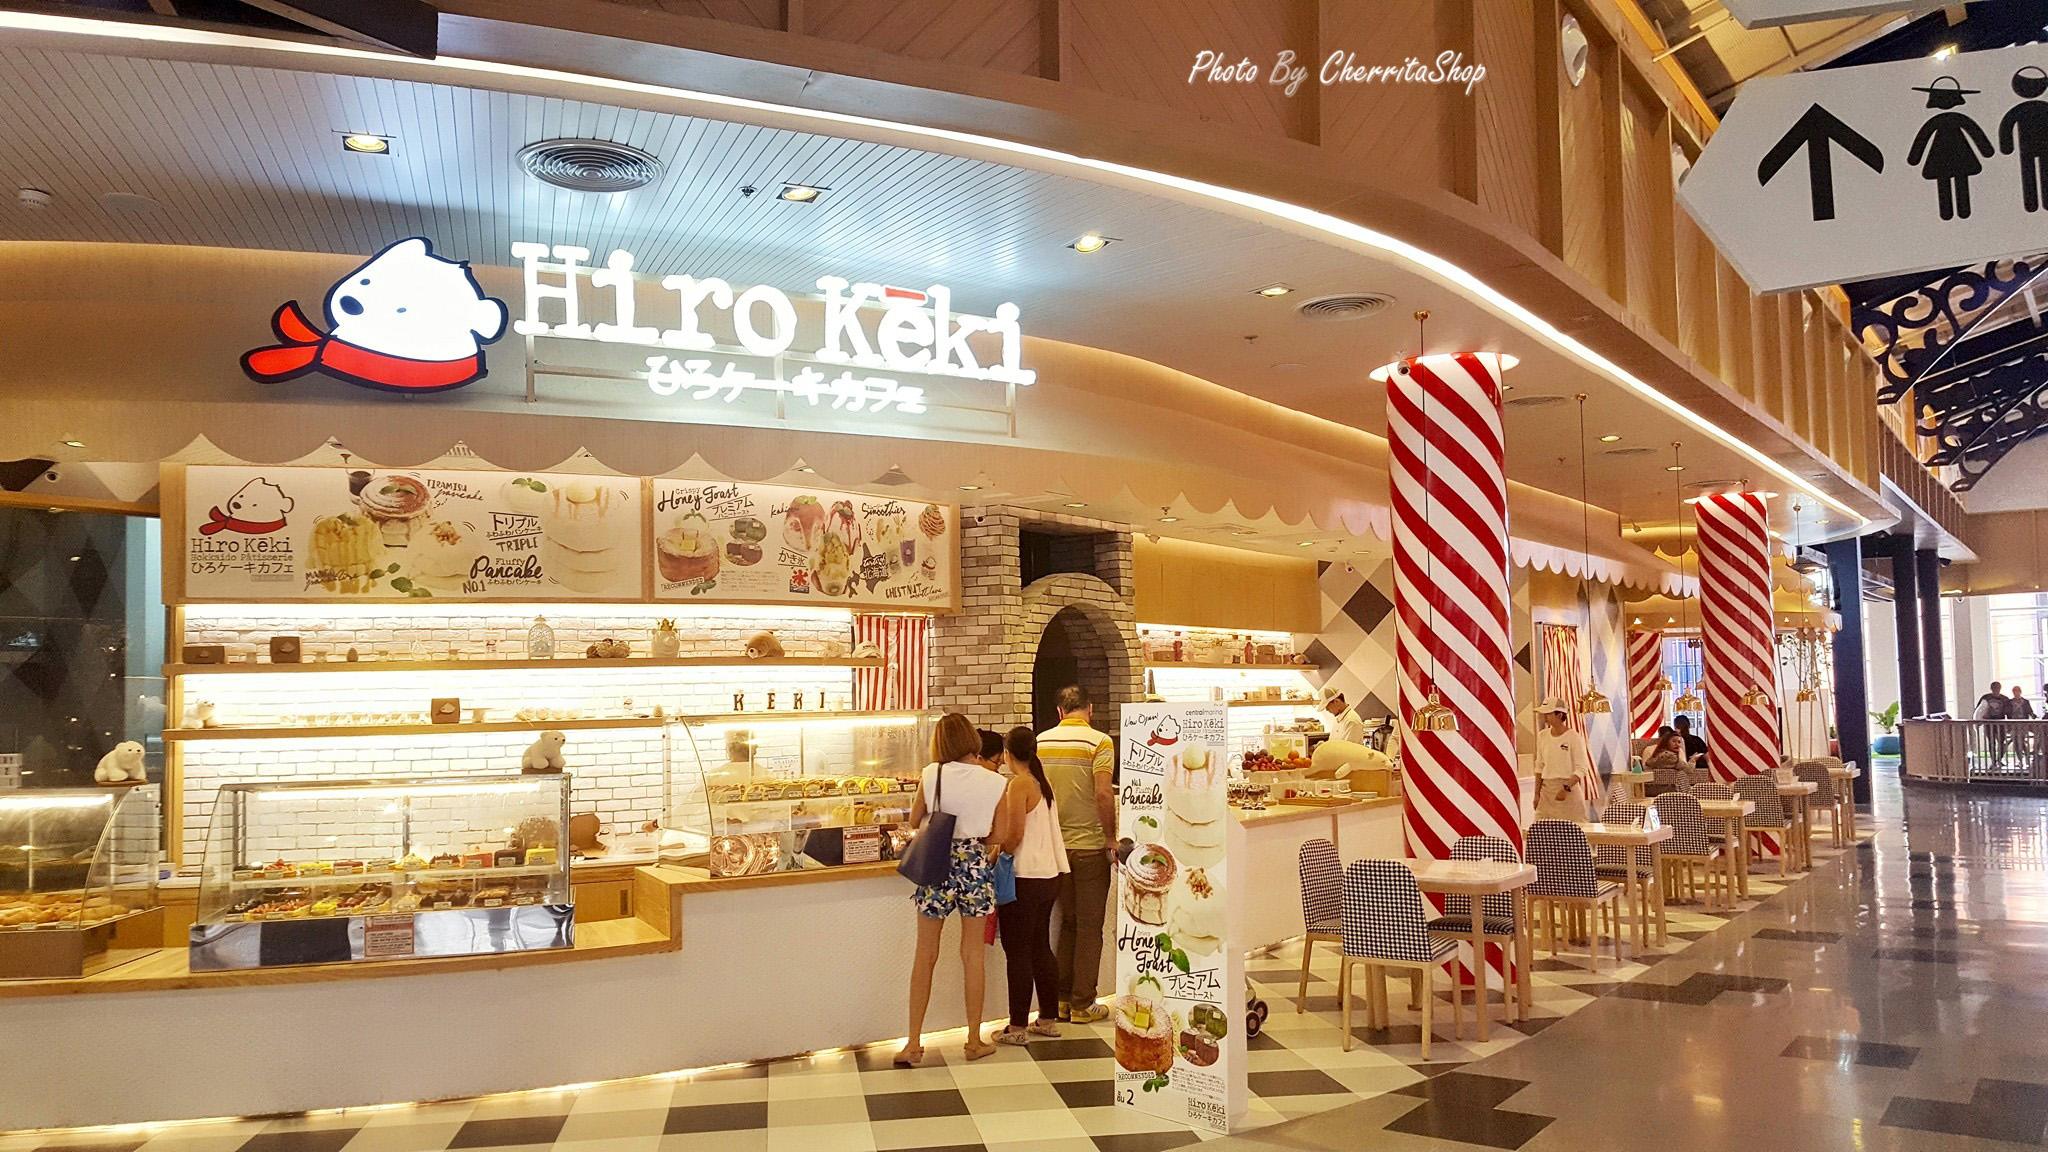 รีวิว Hiro Keki Hokkaido Patisserie สาขา Central Marina Pattya